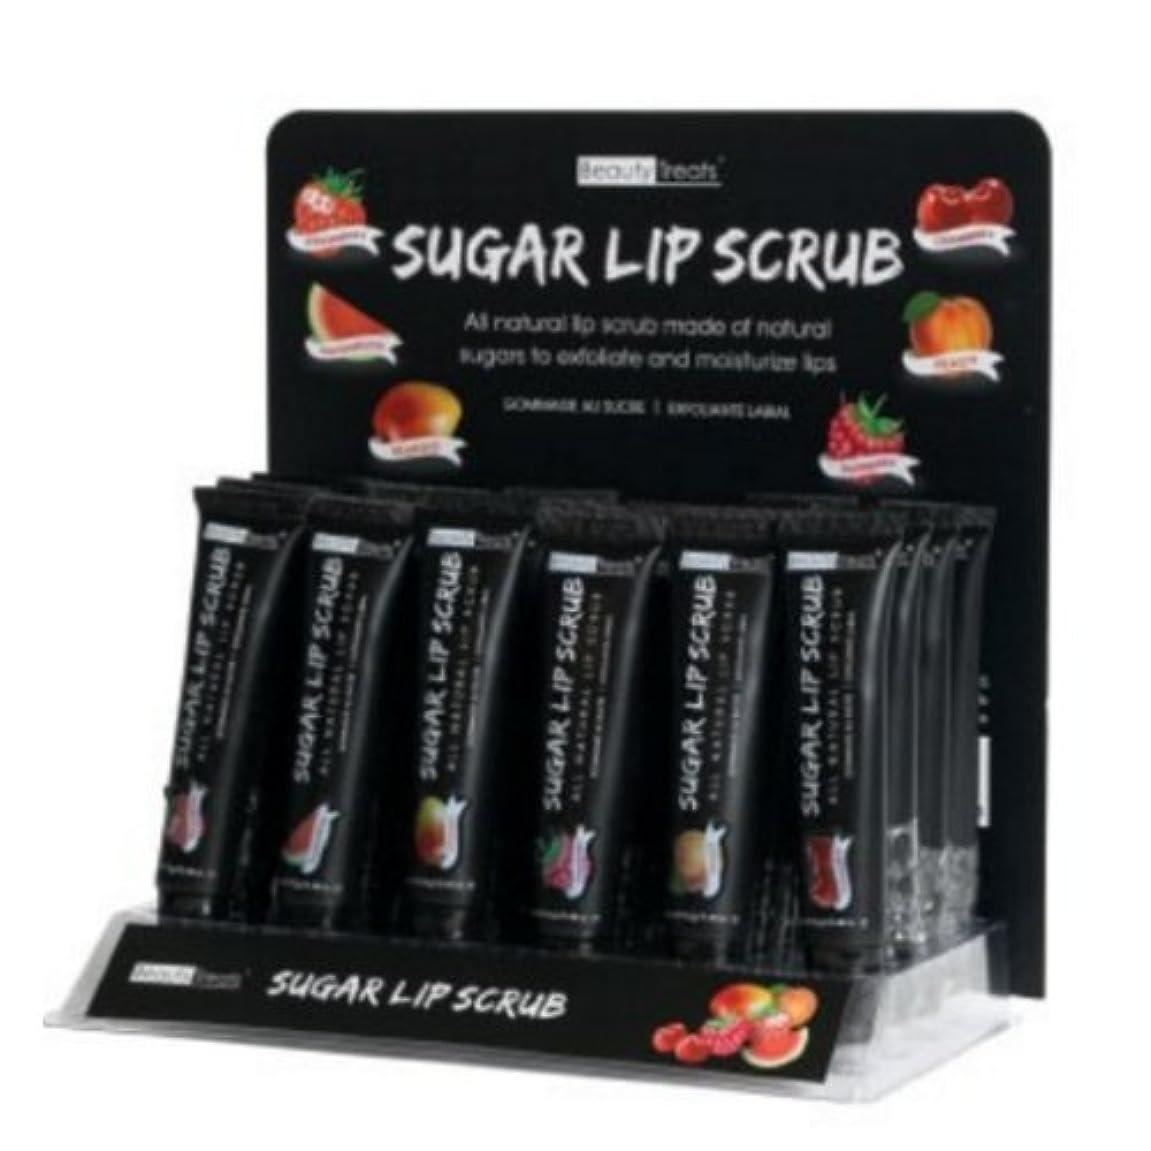 業界盆申し立てられたBEAUTY TREATS Sugar Lip Scrub Display Case Set 24 Pieces (並行輸入品)